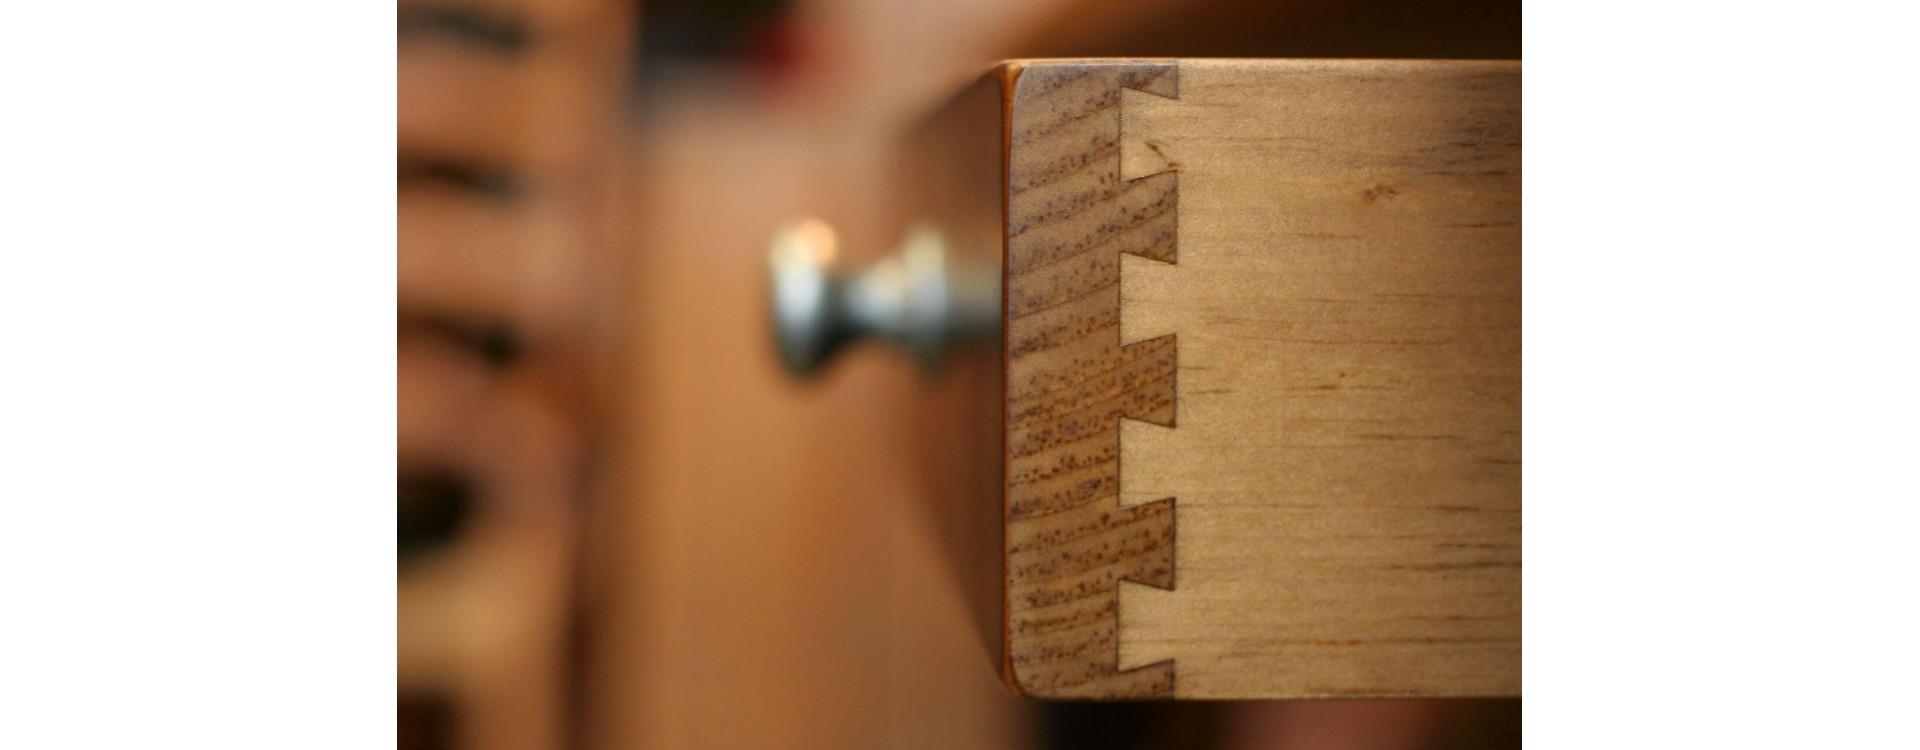 Incastro a coda di rodine e a pettine nel legno: differenze e realizzazione